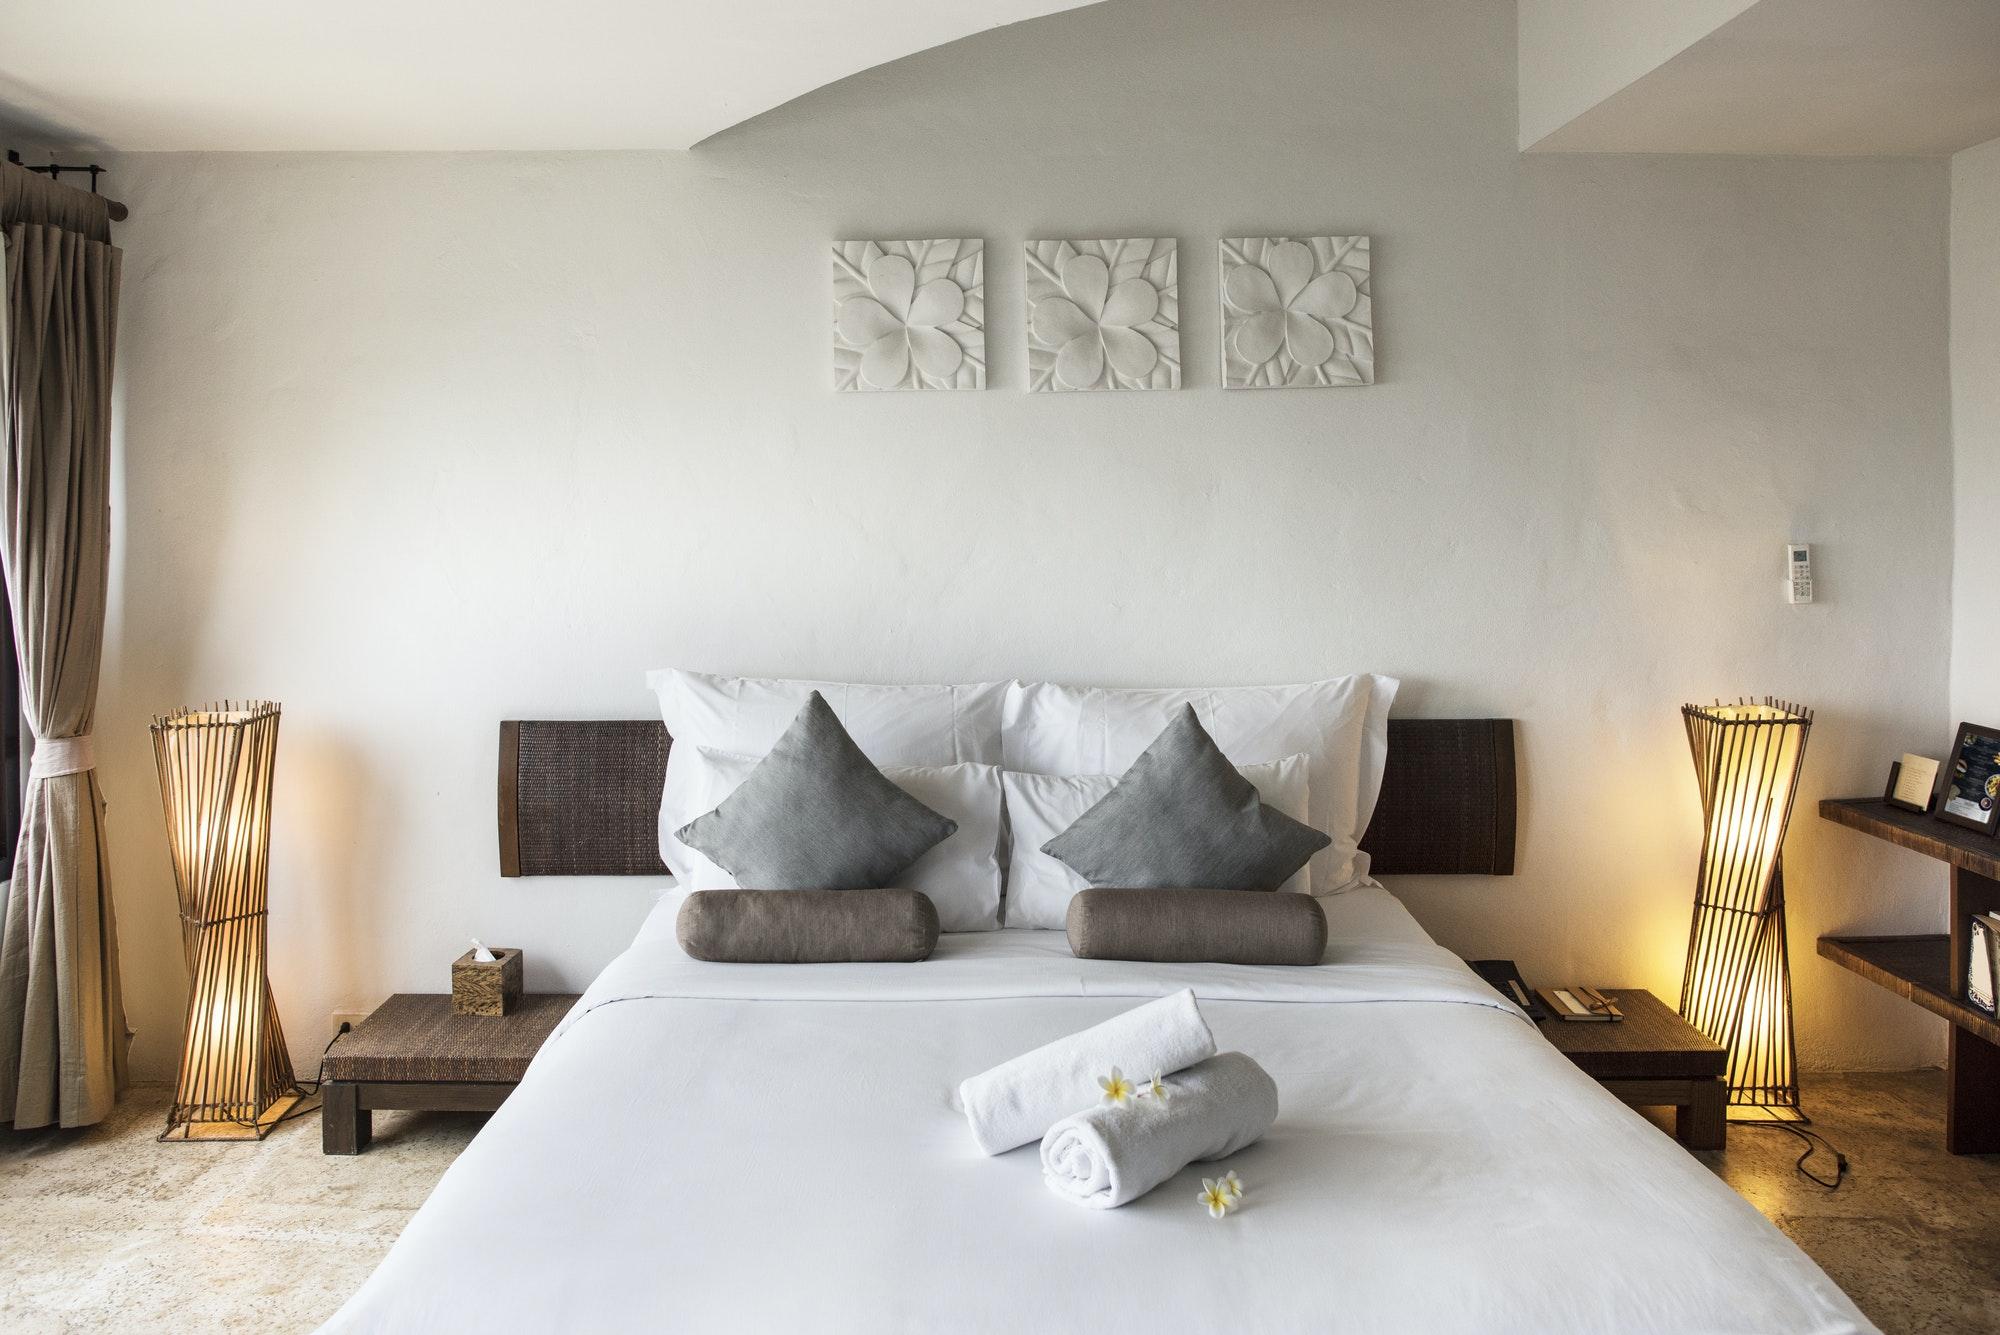 hotel-room-at-a-luxury-resort.jpg